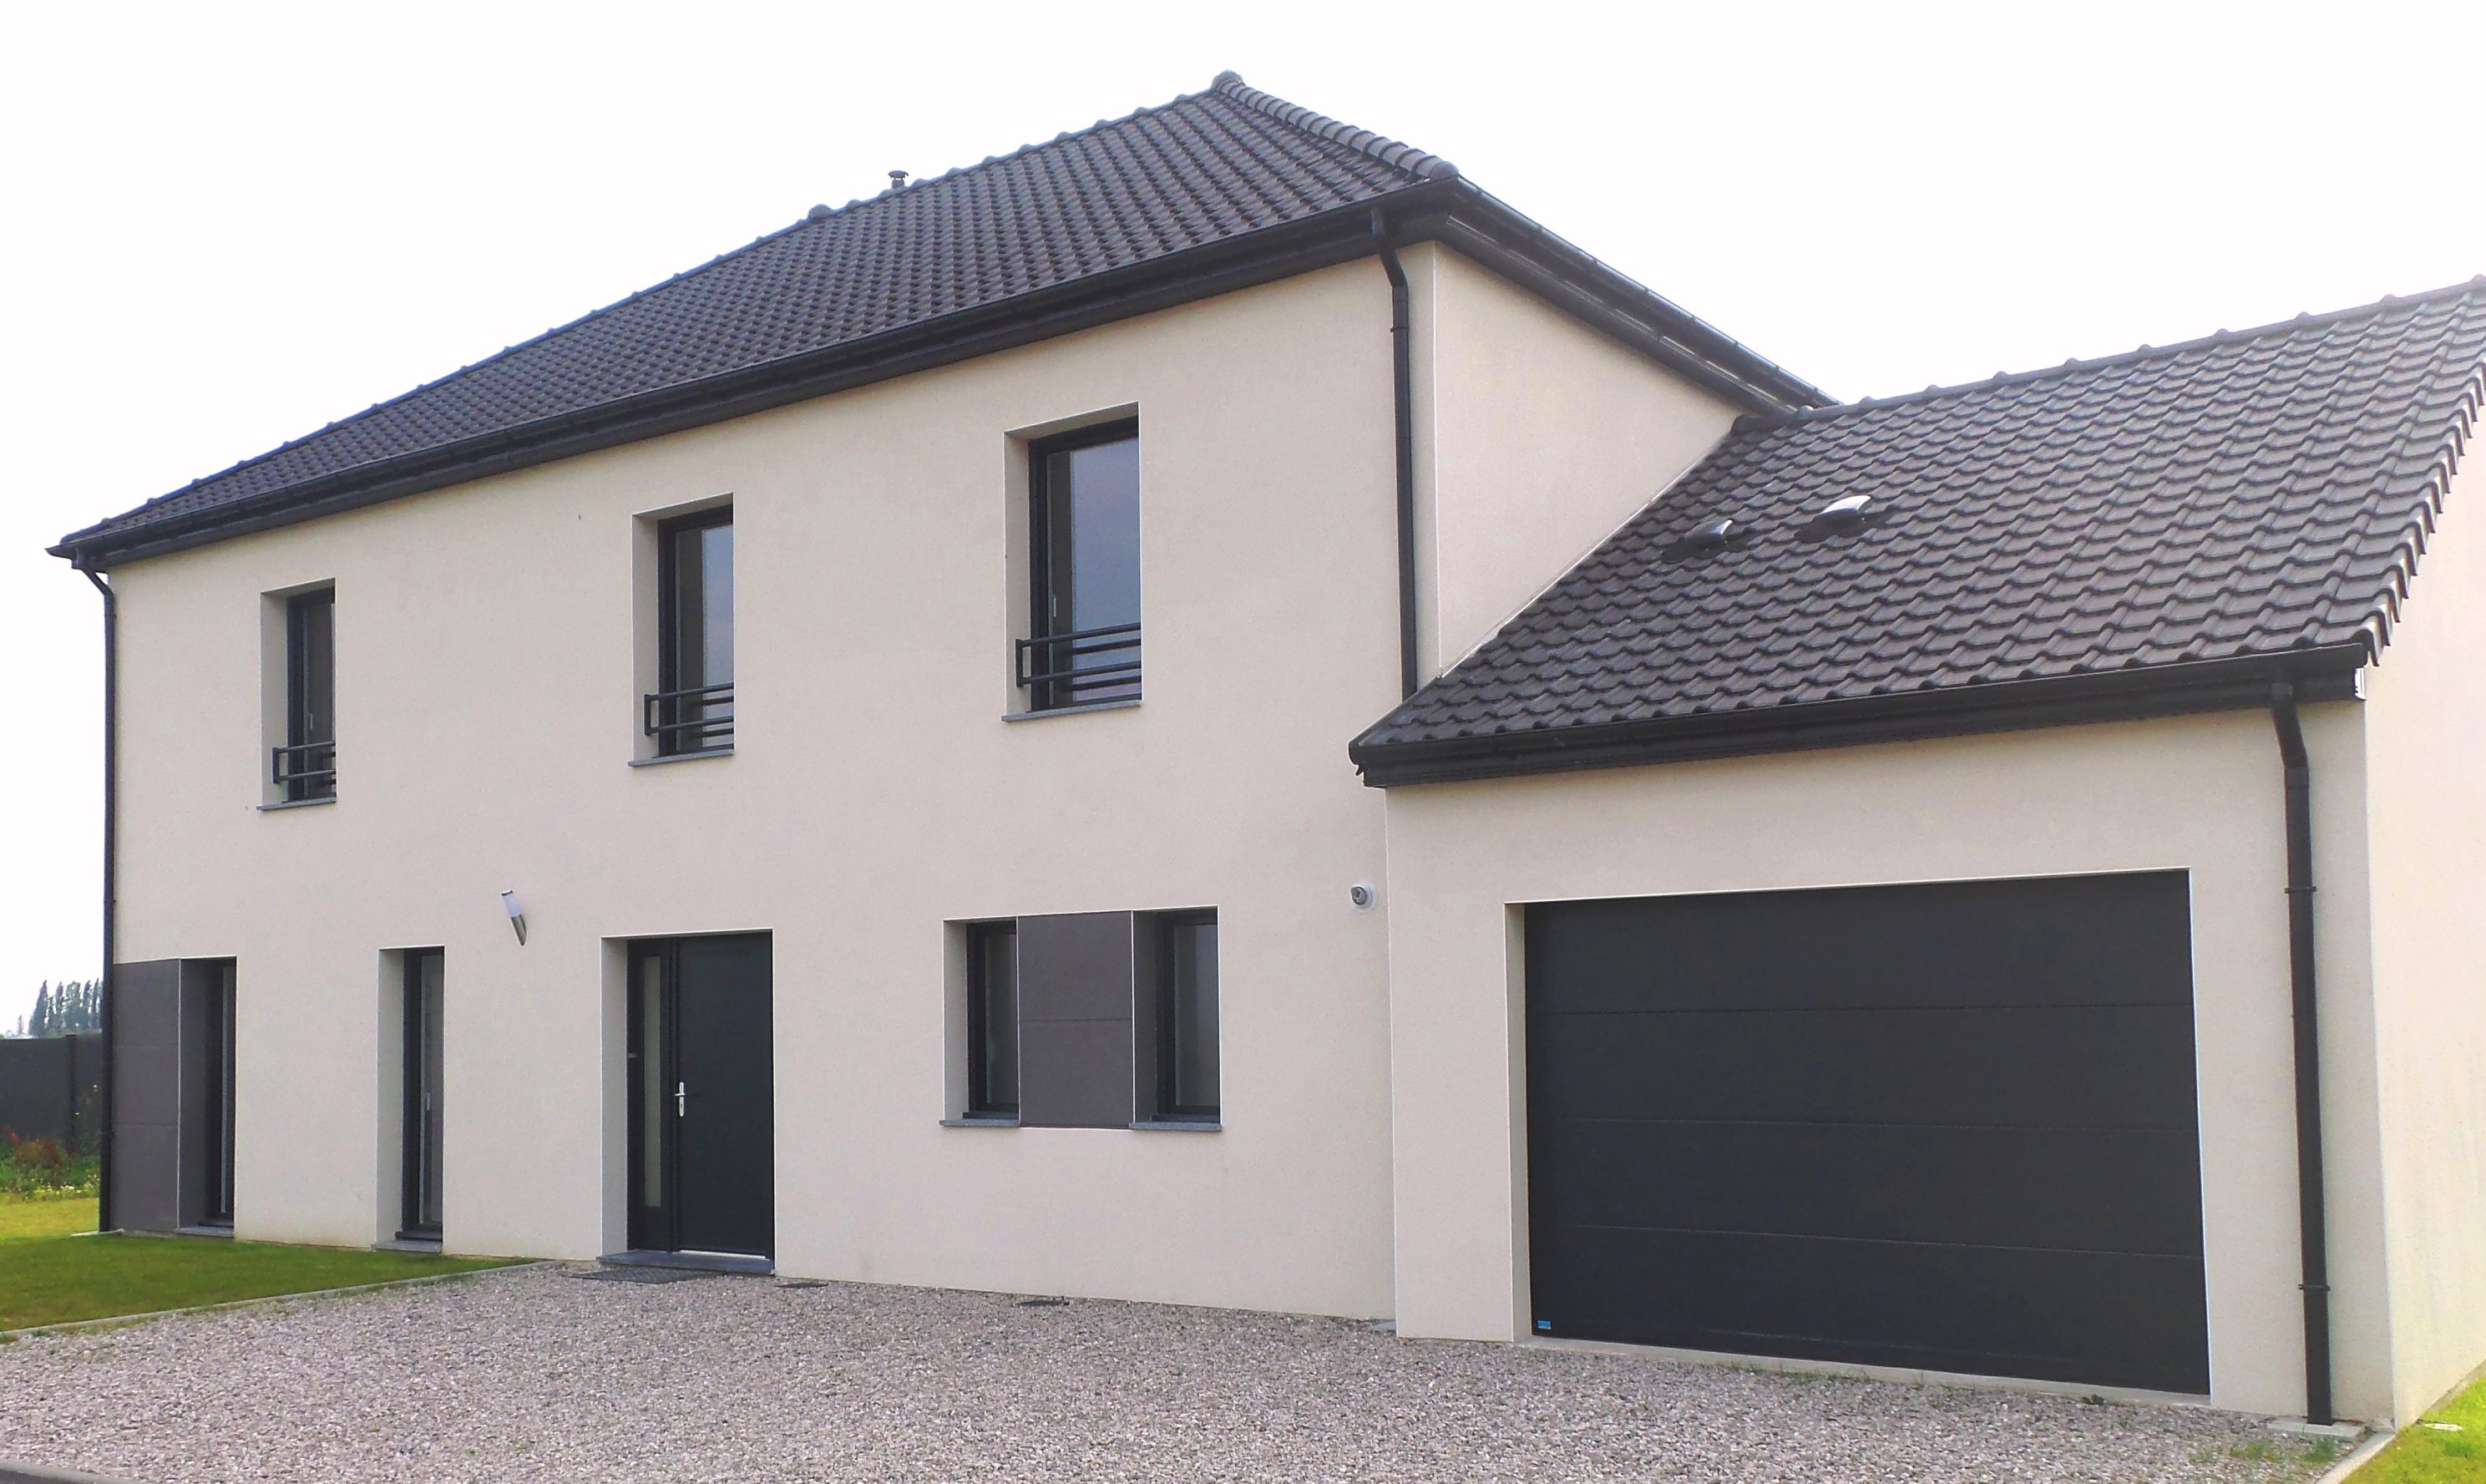 Maisons + Terrains du constructeur MAISON FAMILIALE • 100 m² • NEUFMOUTIERS EN BRIE